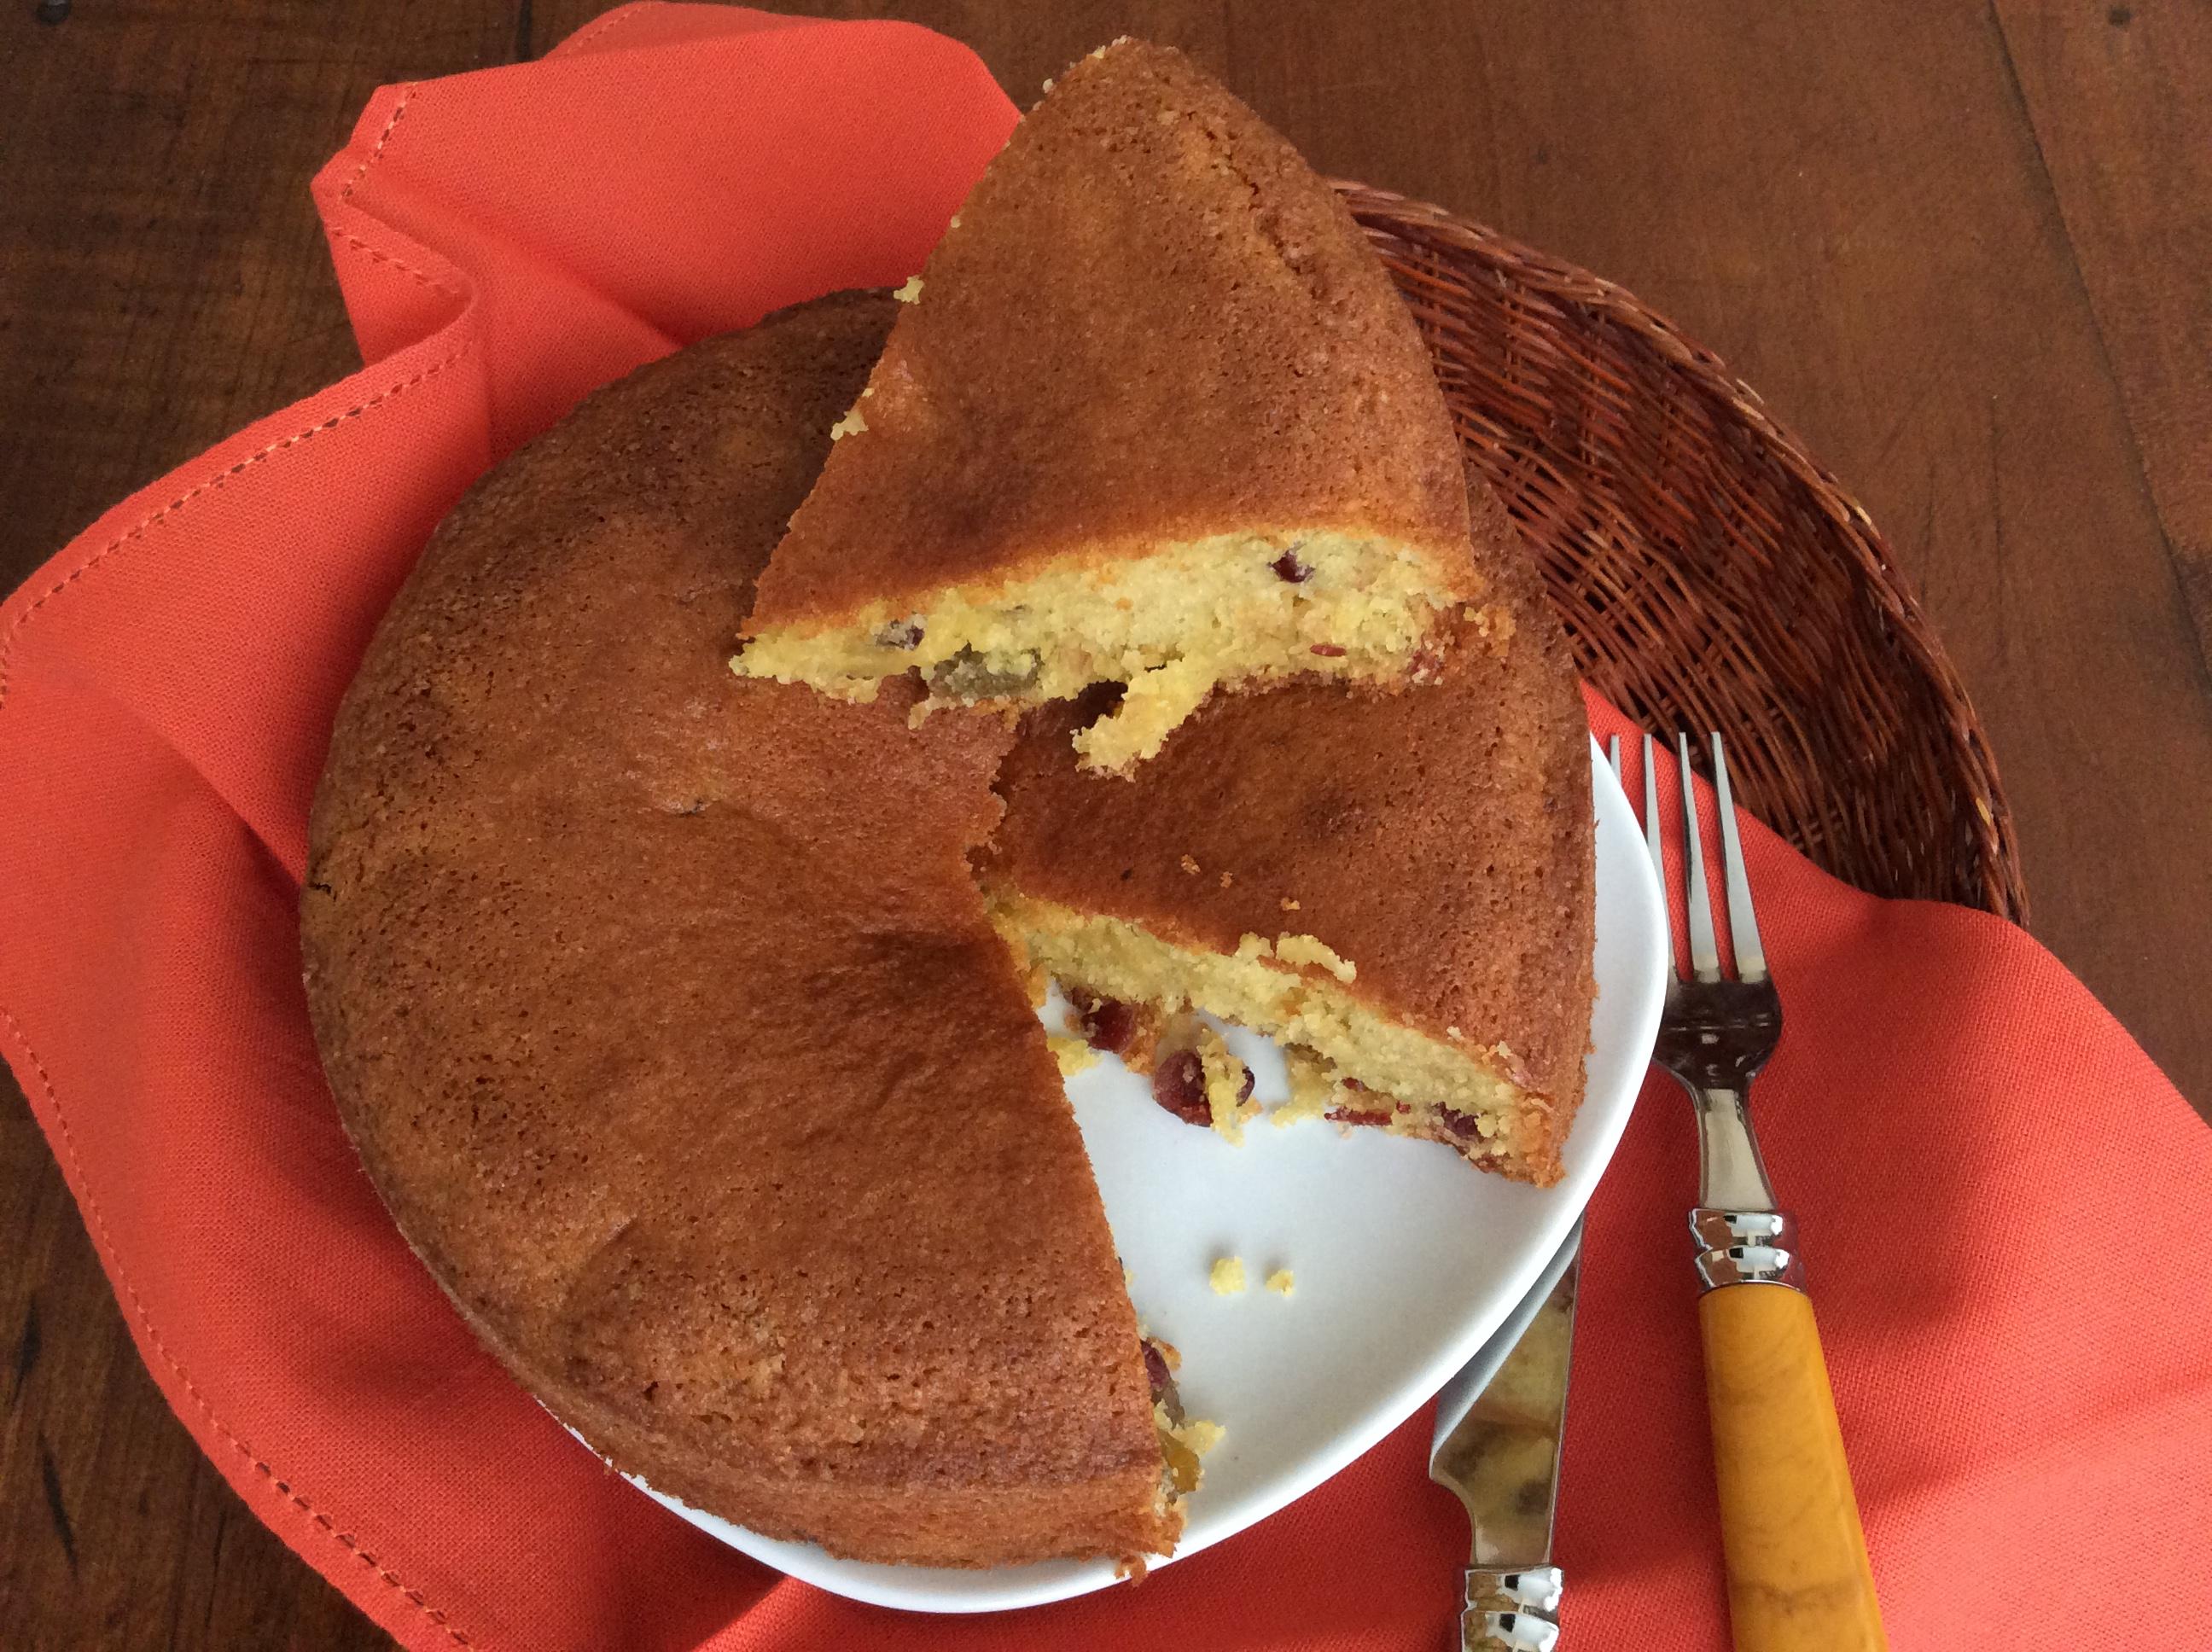 Torta uvetta mirtilli rossi e ciliegie candite